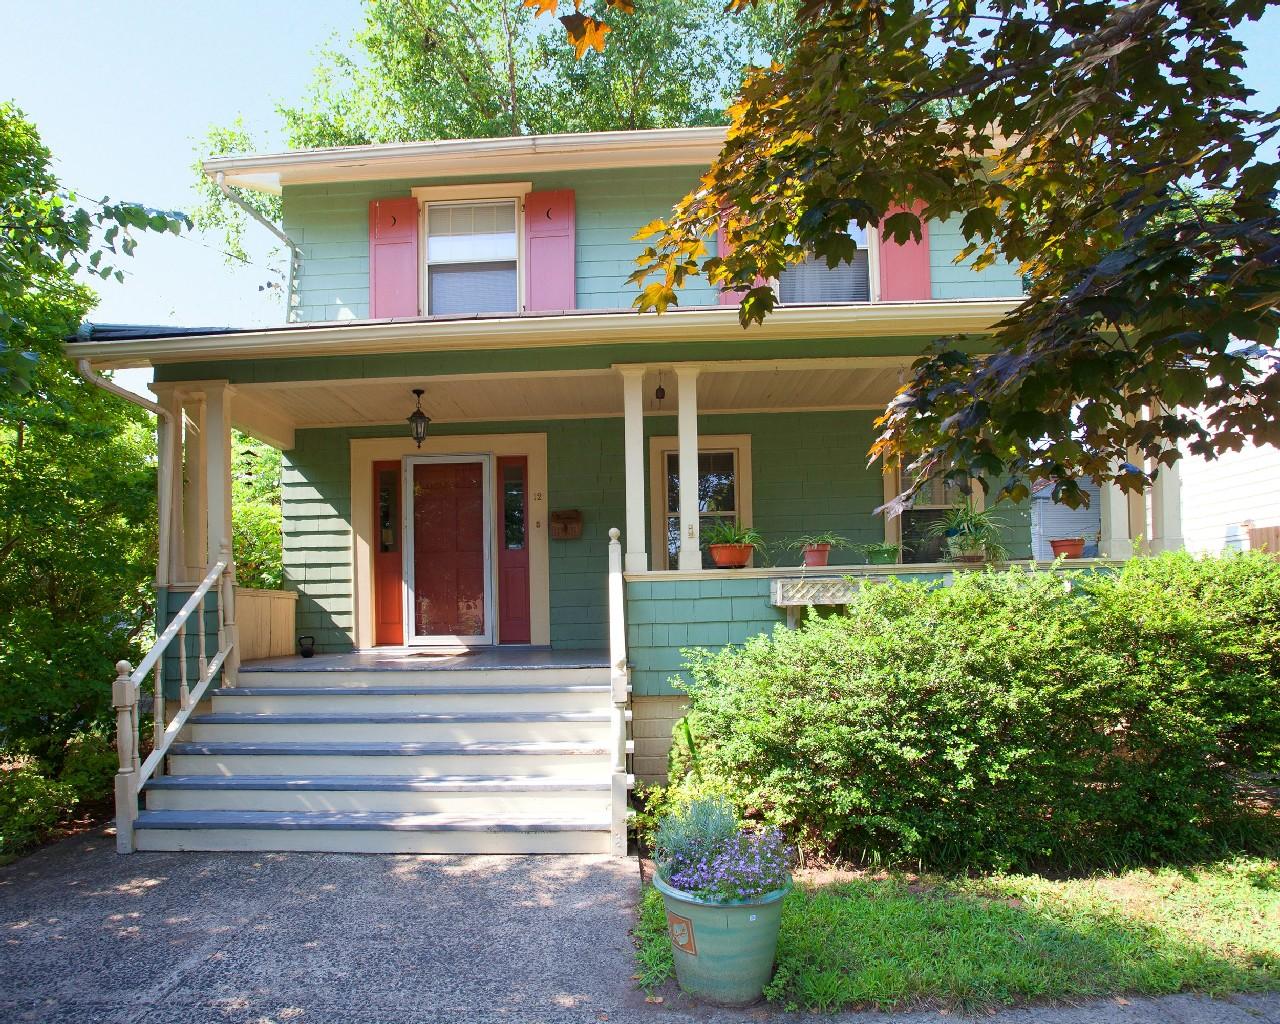 Частный односемейный дом для того Аренда на Single Family Home 12 Brighton Avenue Bloomfield, 07003 Соединенные Штаты